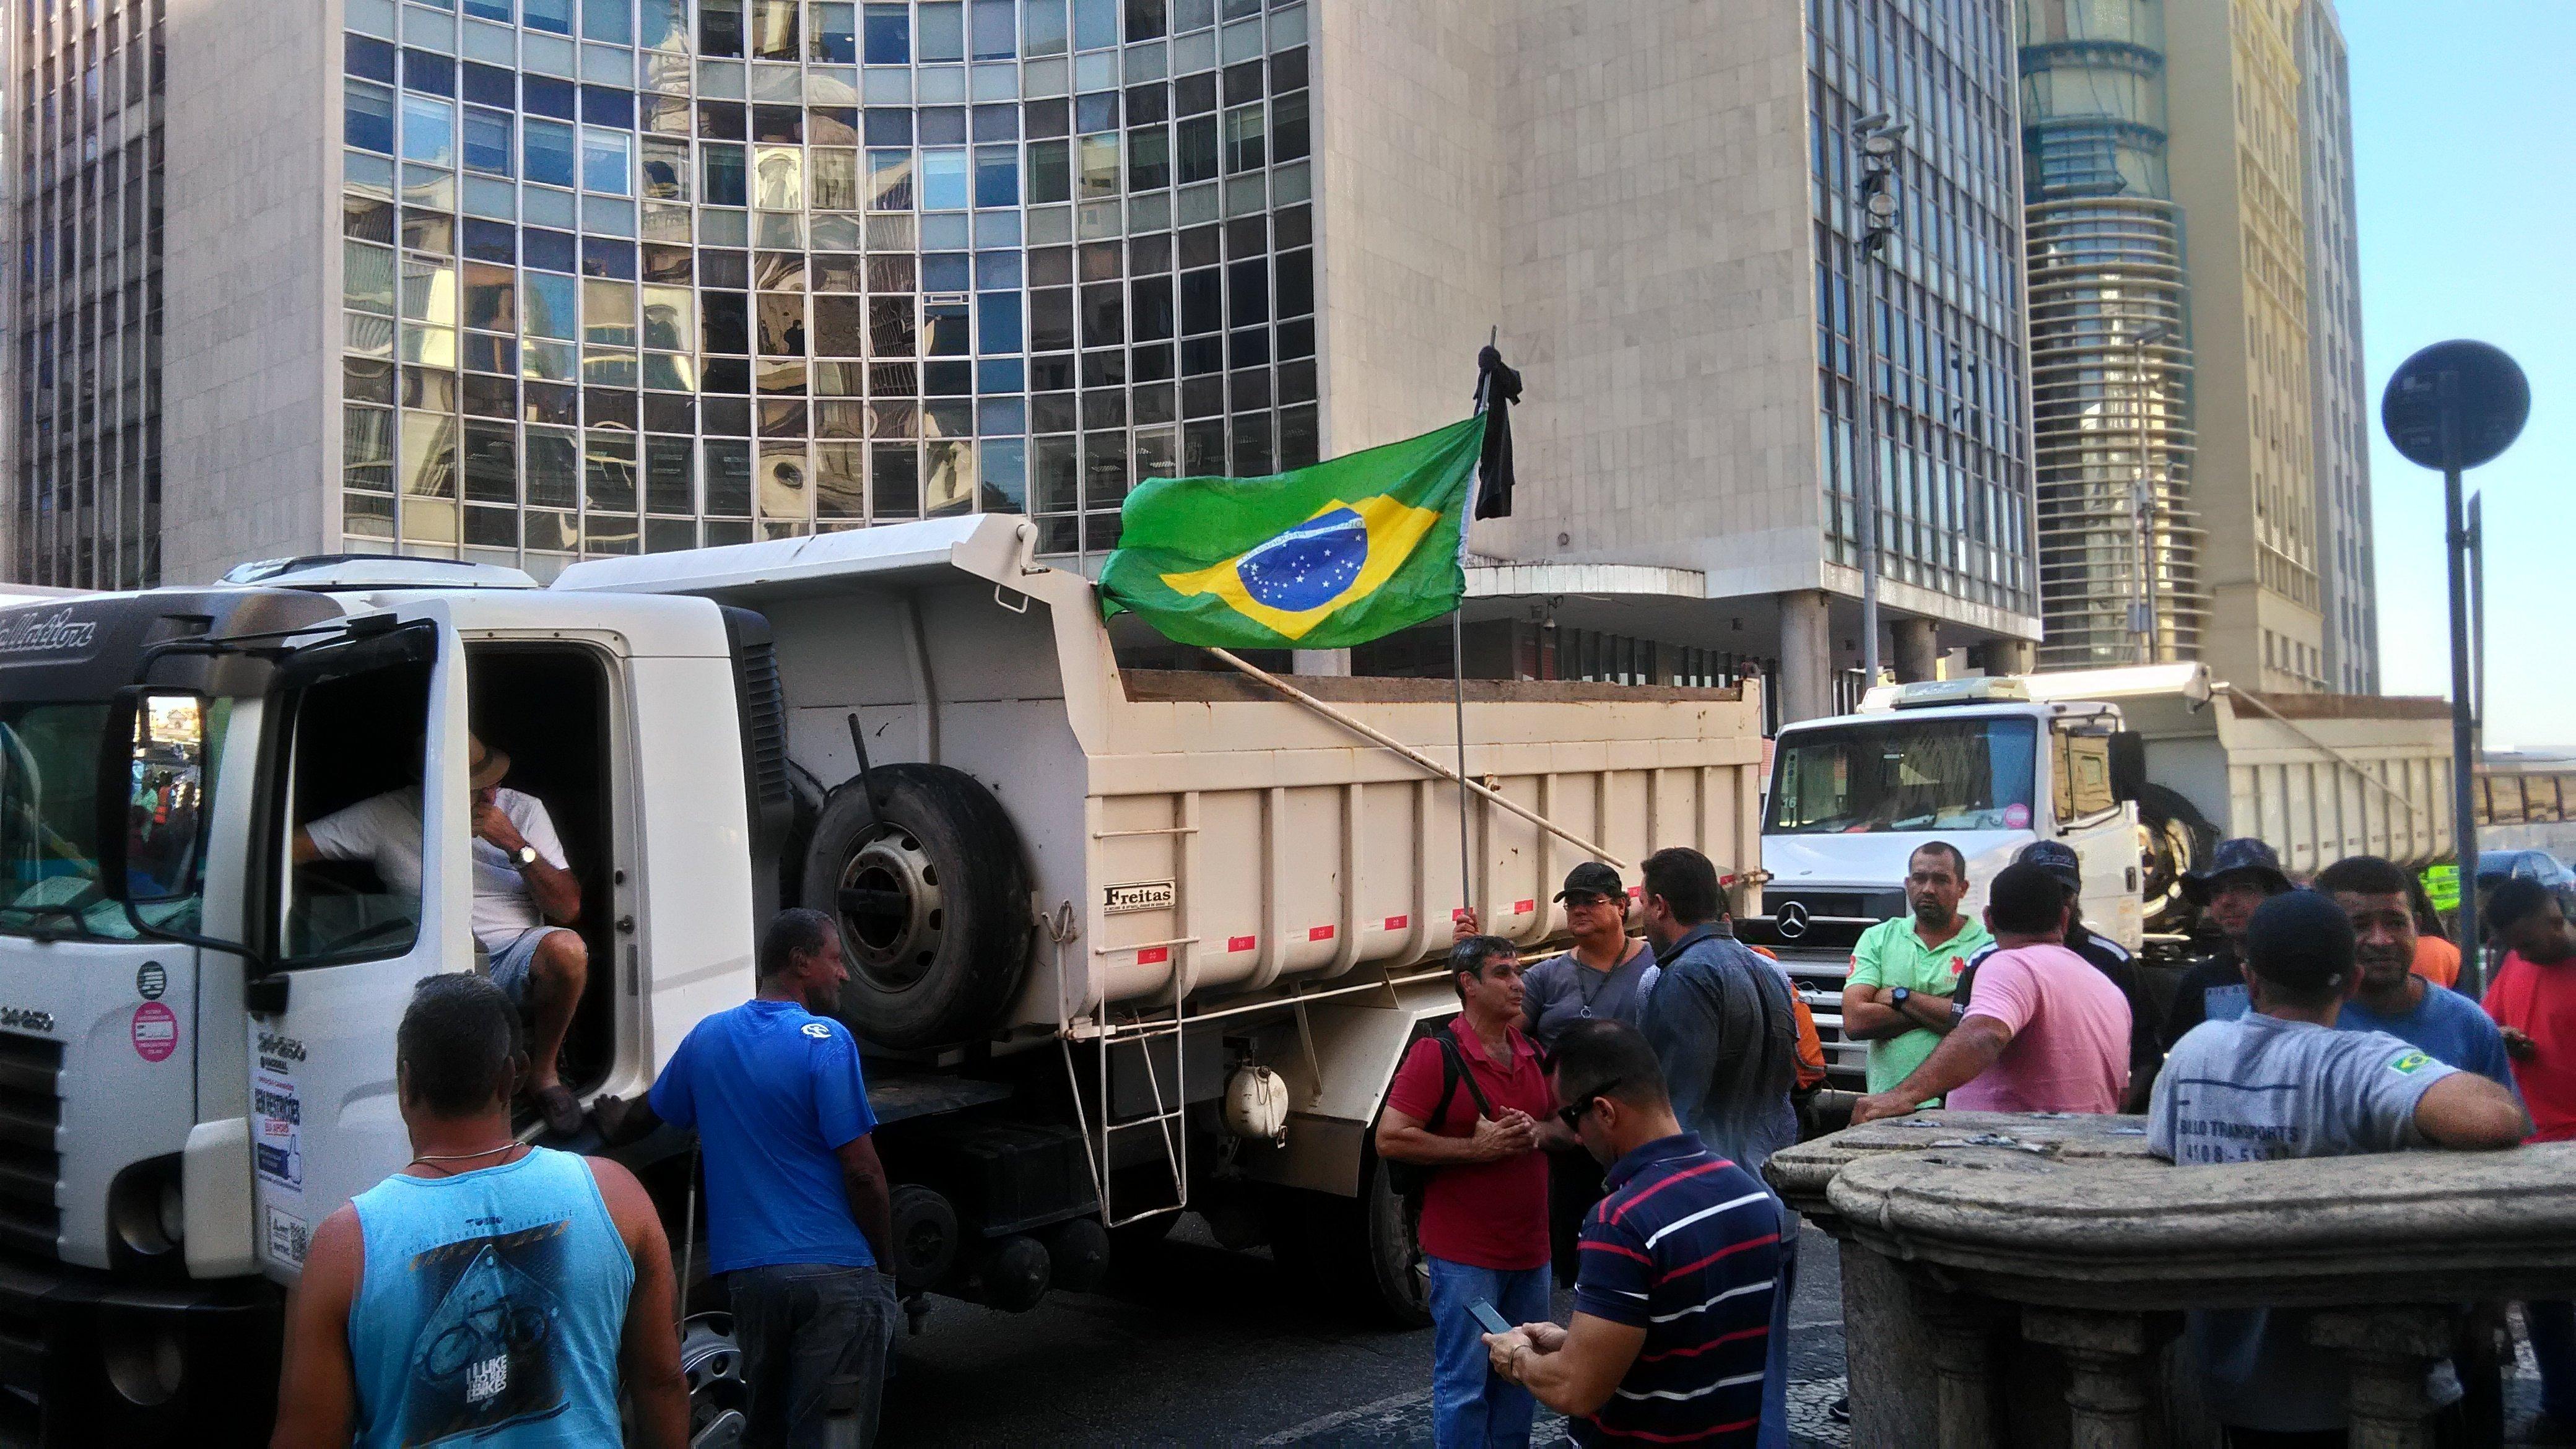 Manifestação de caminhoneiros no Rio de Janeiro como parte de mobilização nacional da categoria contra os preços altos dos combustíveis no Brasil.